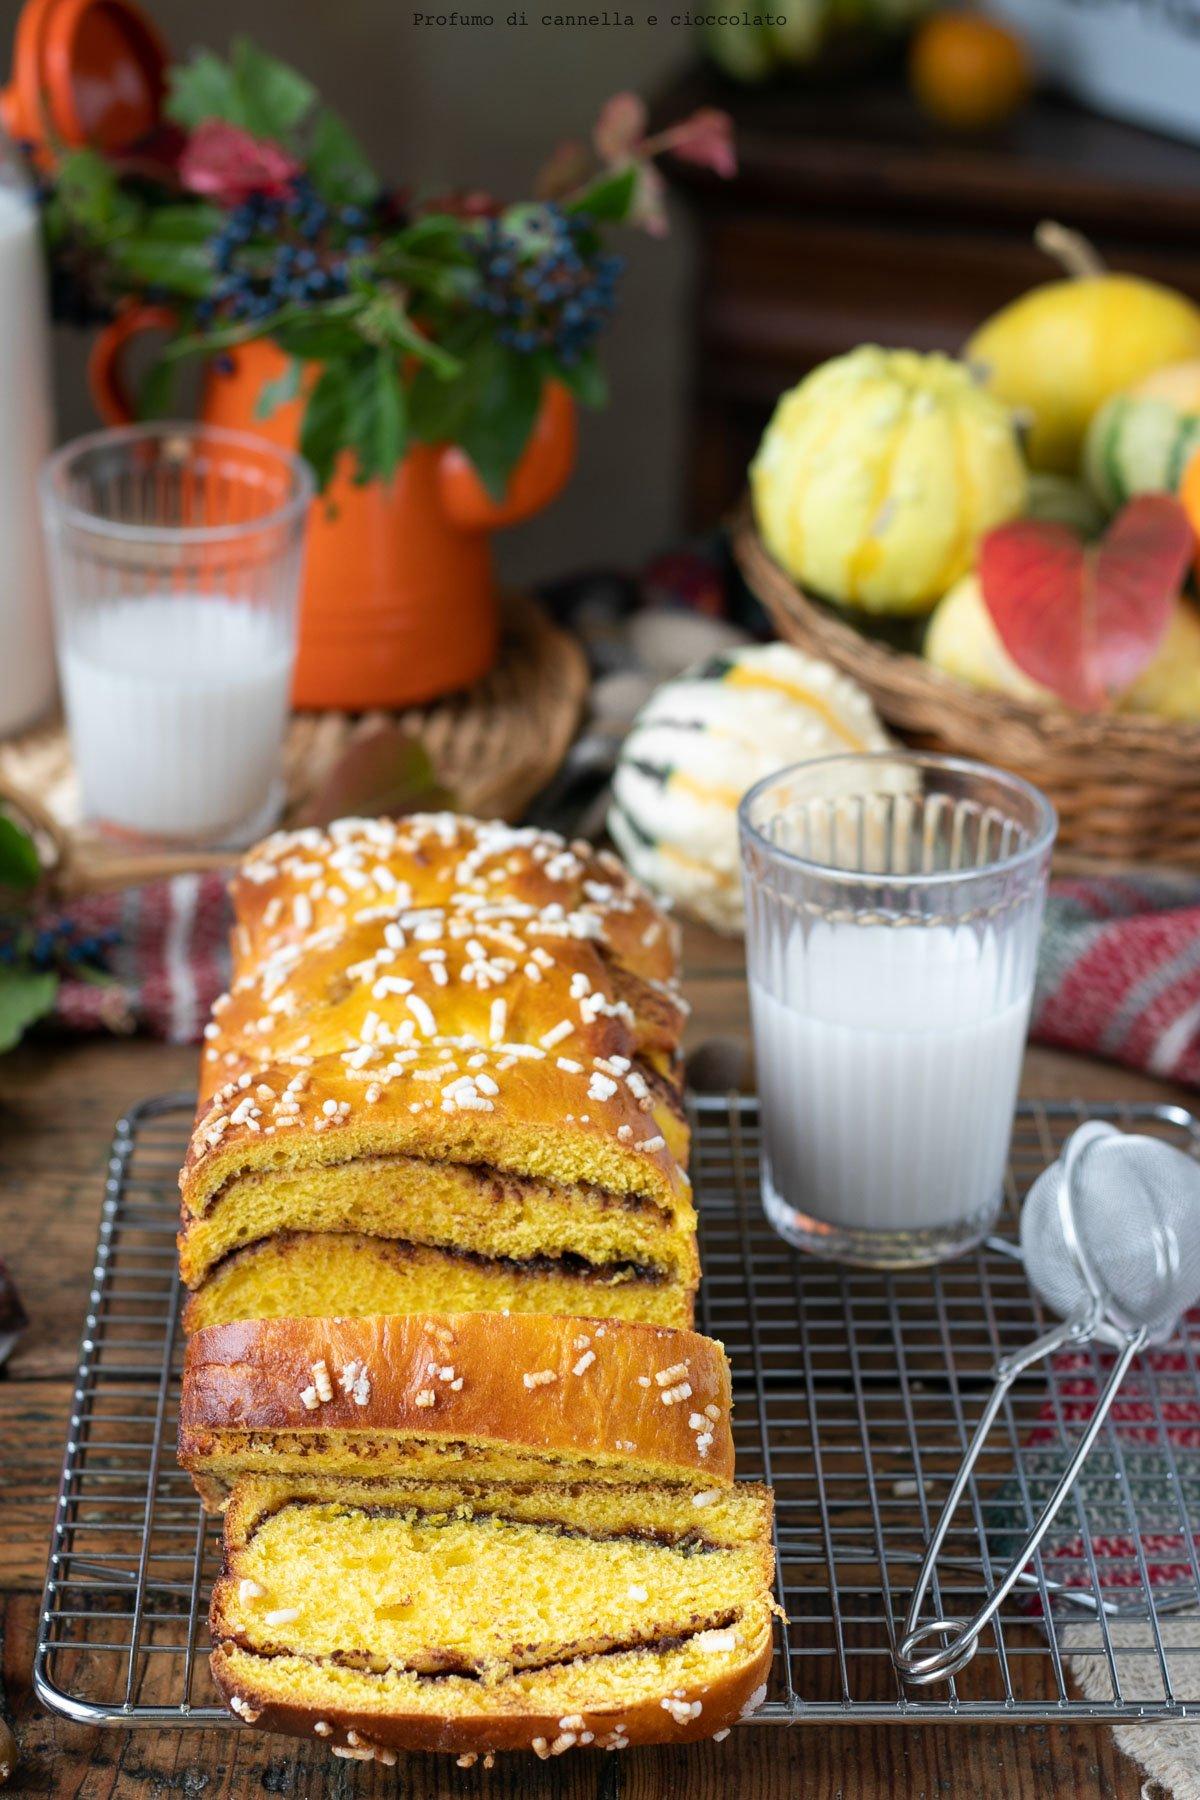 Pan brioche alla zucca e nutella